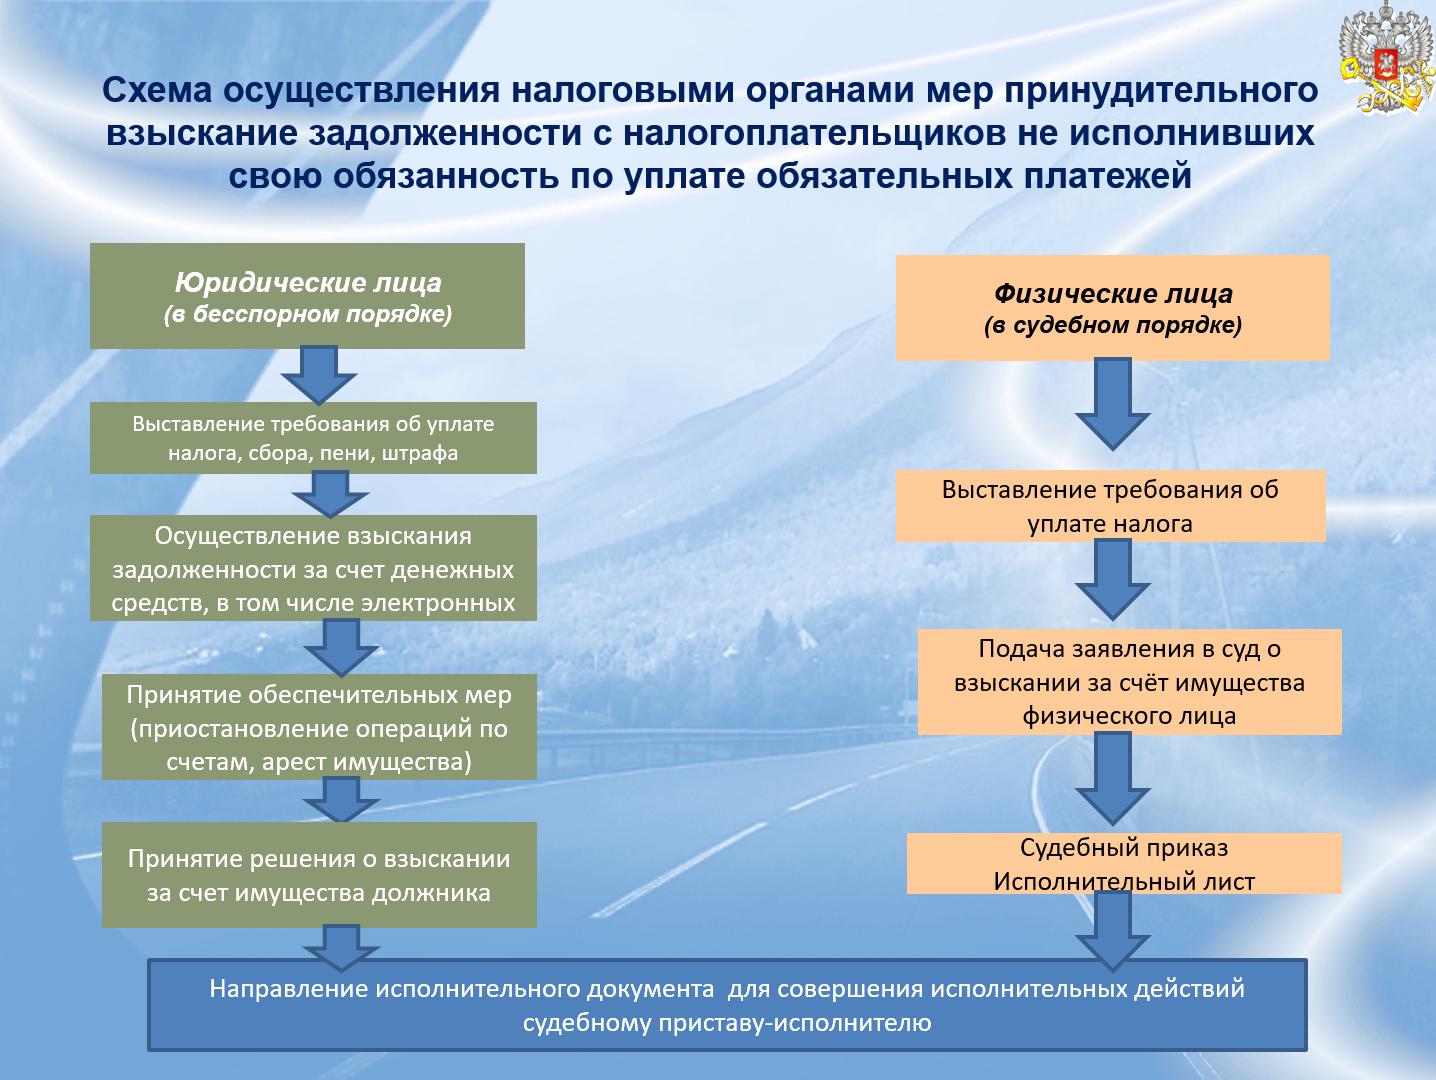 Способы обеспечения исполнения обязательств схема